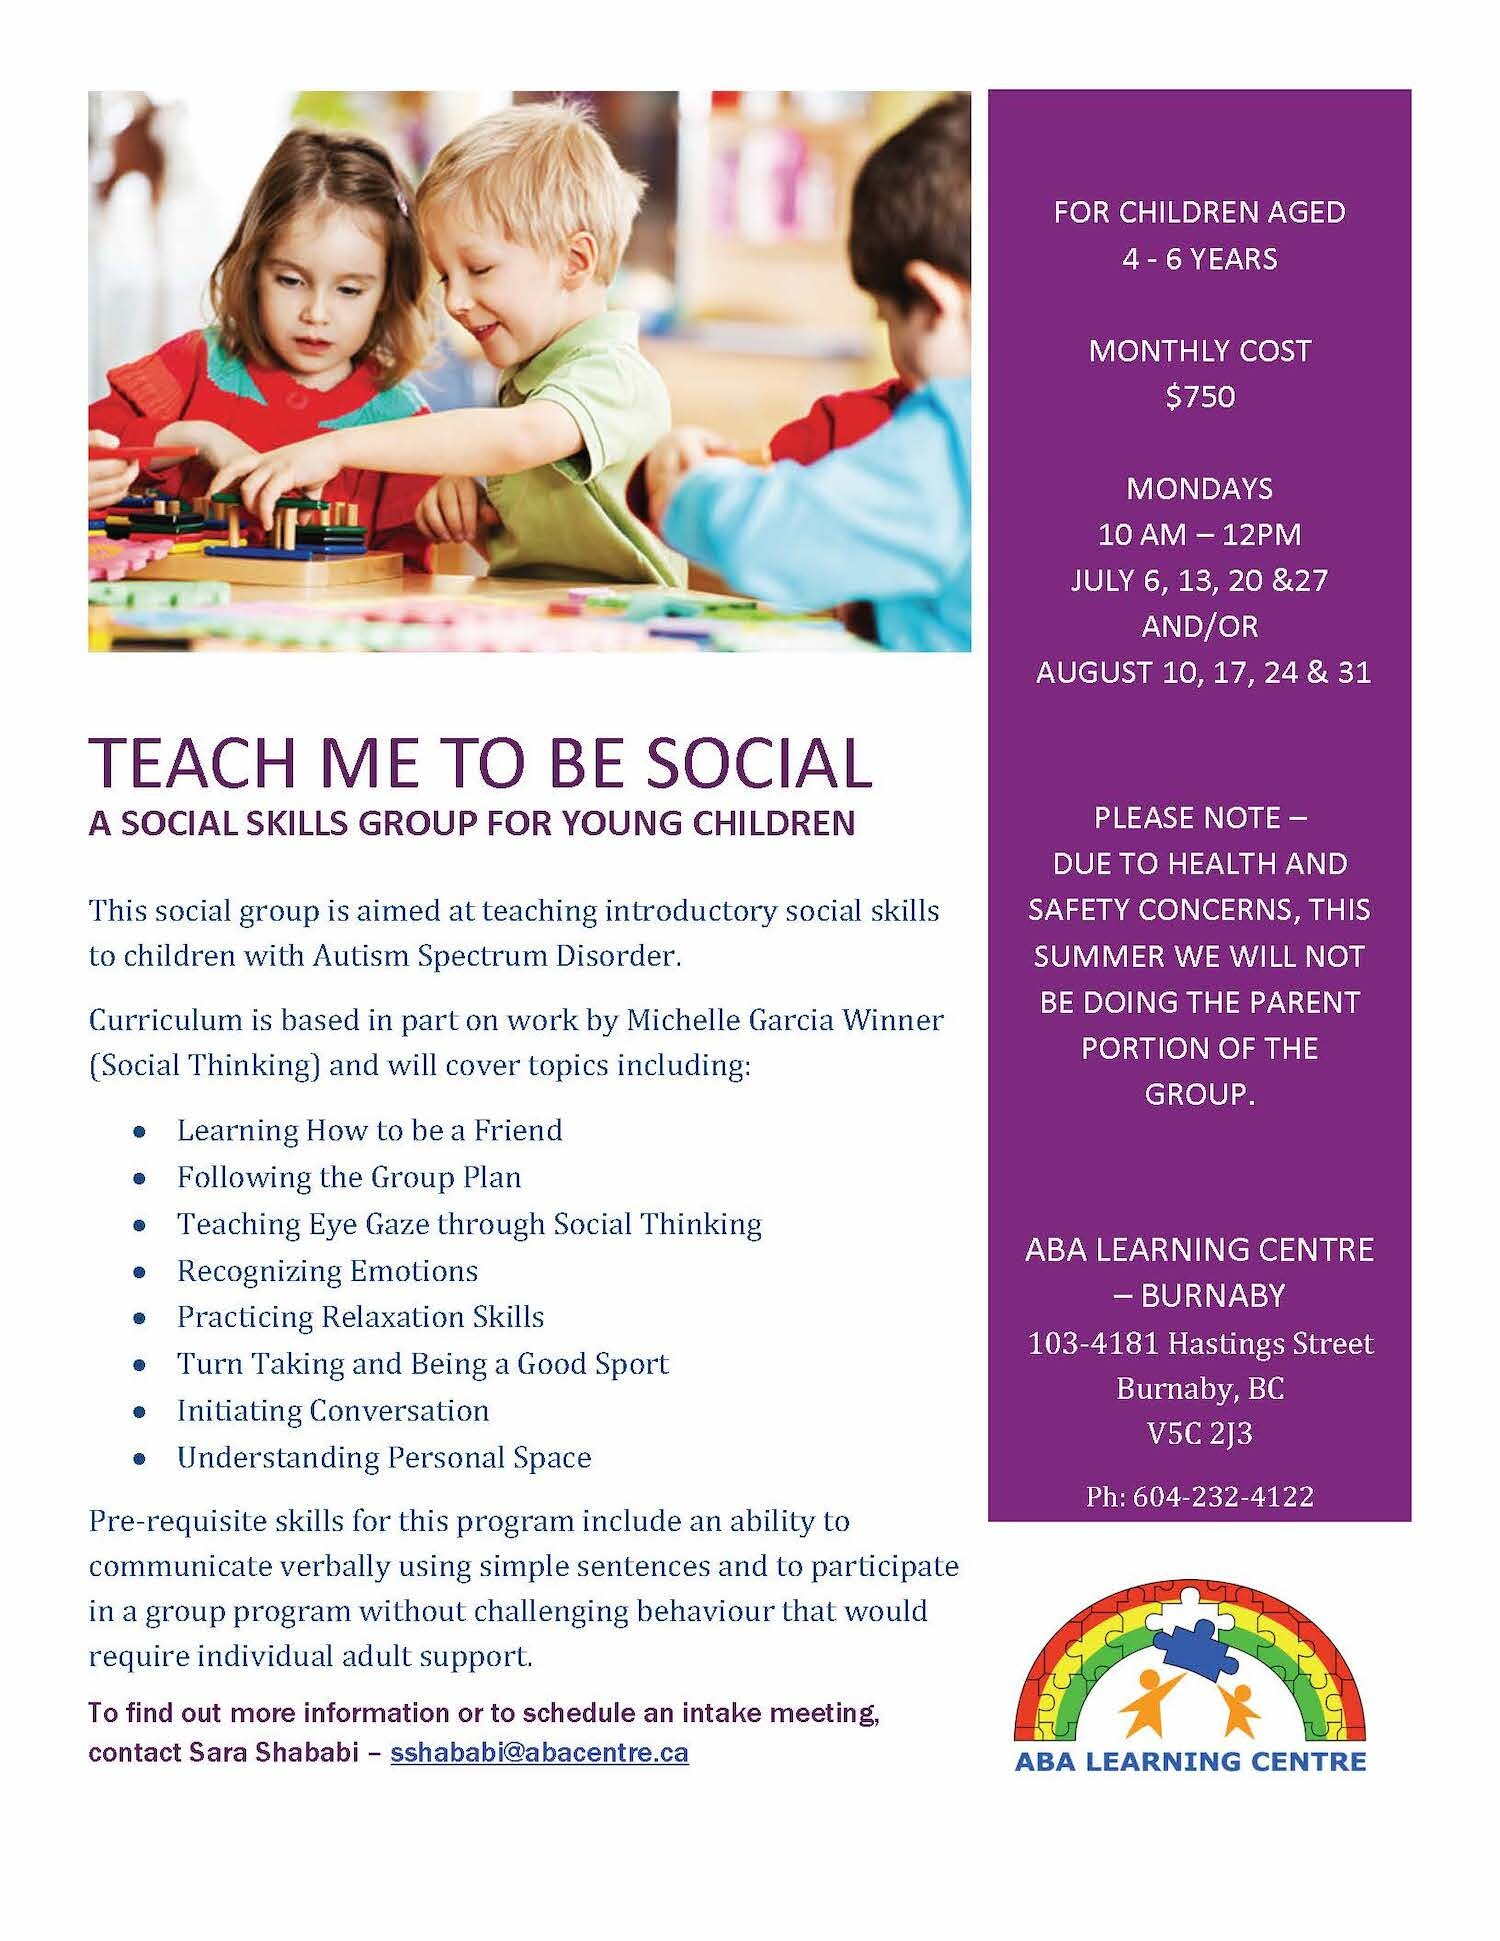 Teach me To be Social - Summer Program for Kindergarten Prep